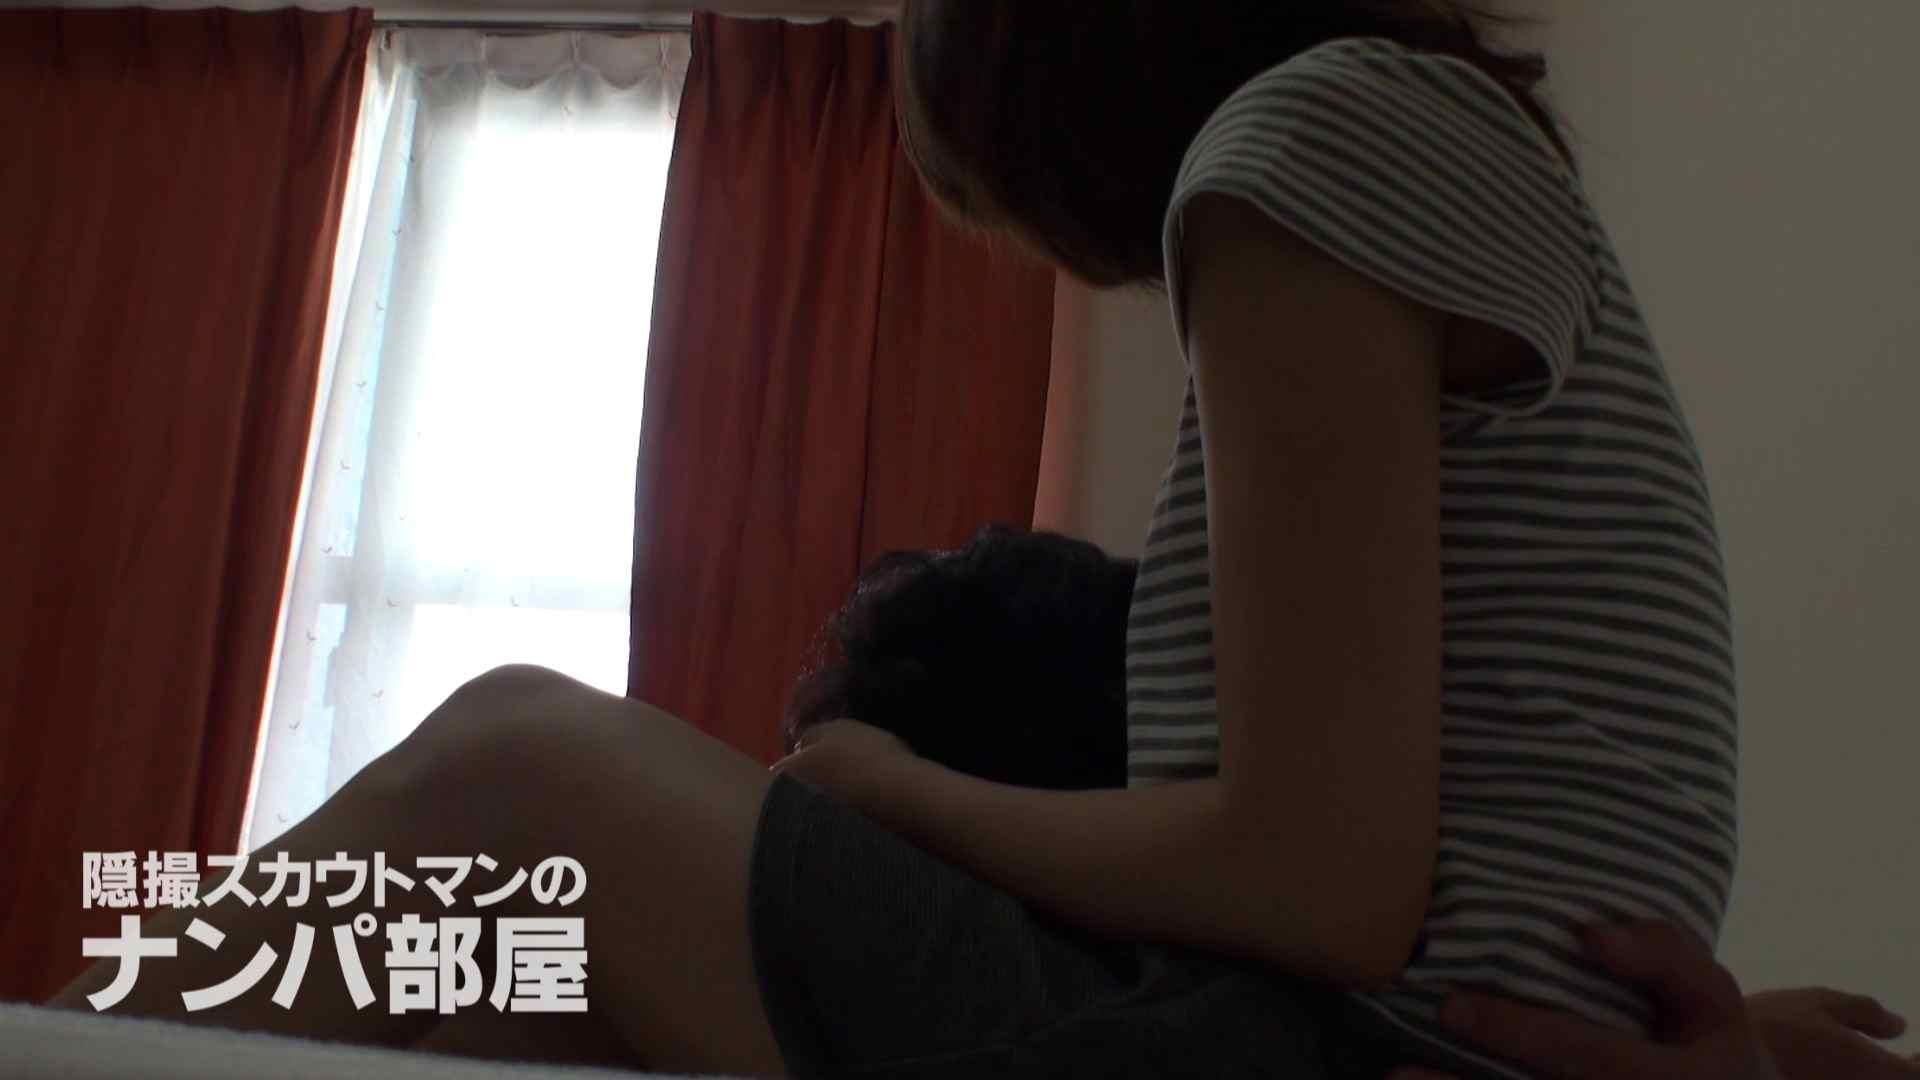 隠撮スカウトマンのナンパ部屋~風俗デビュー前のつまみ食い~ siivol.3 ナンパ おまんこ動画流出 76pic 39